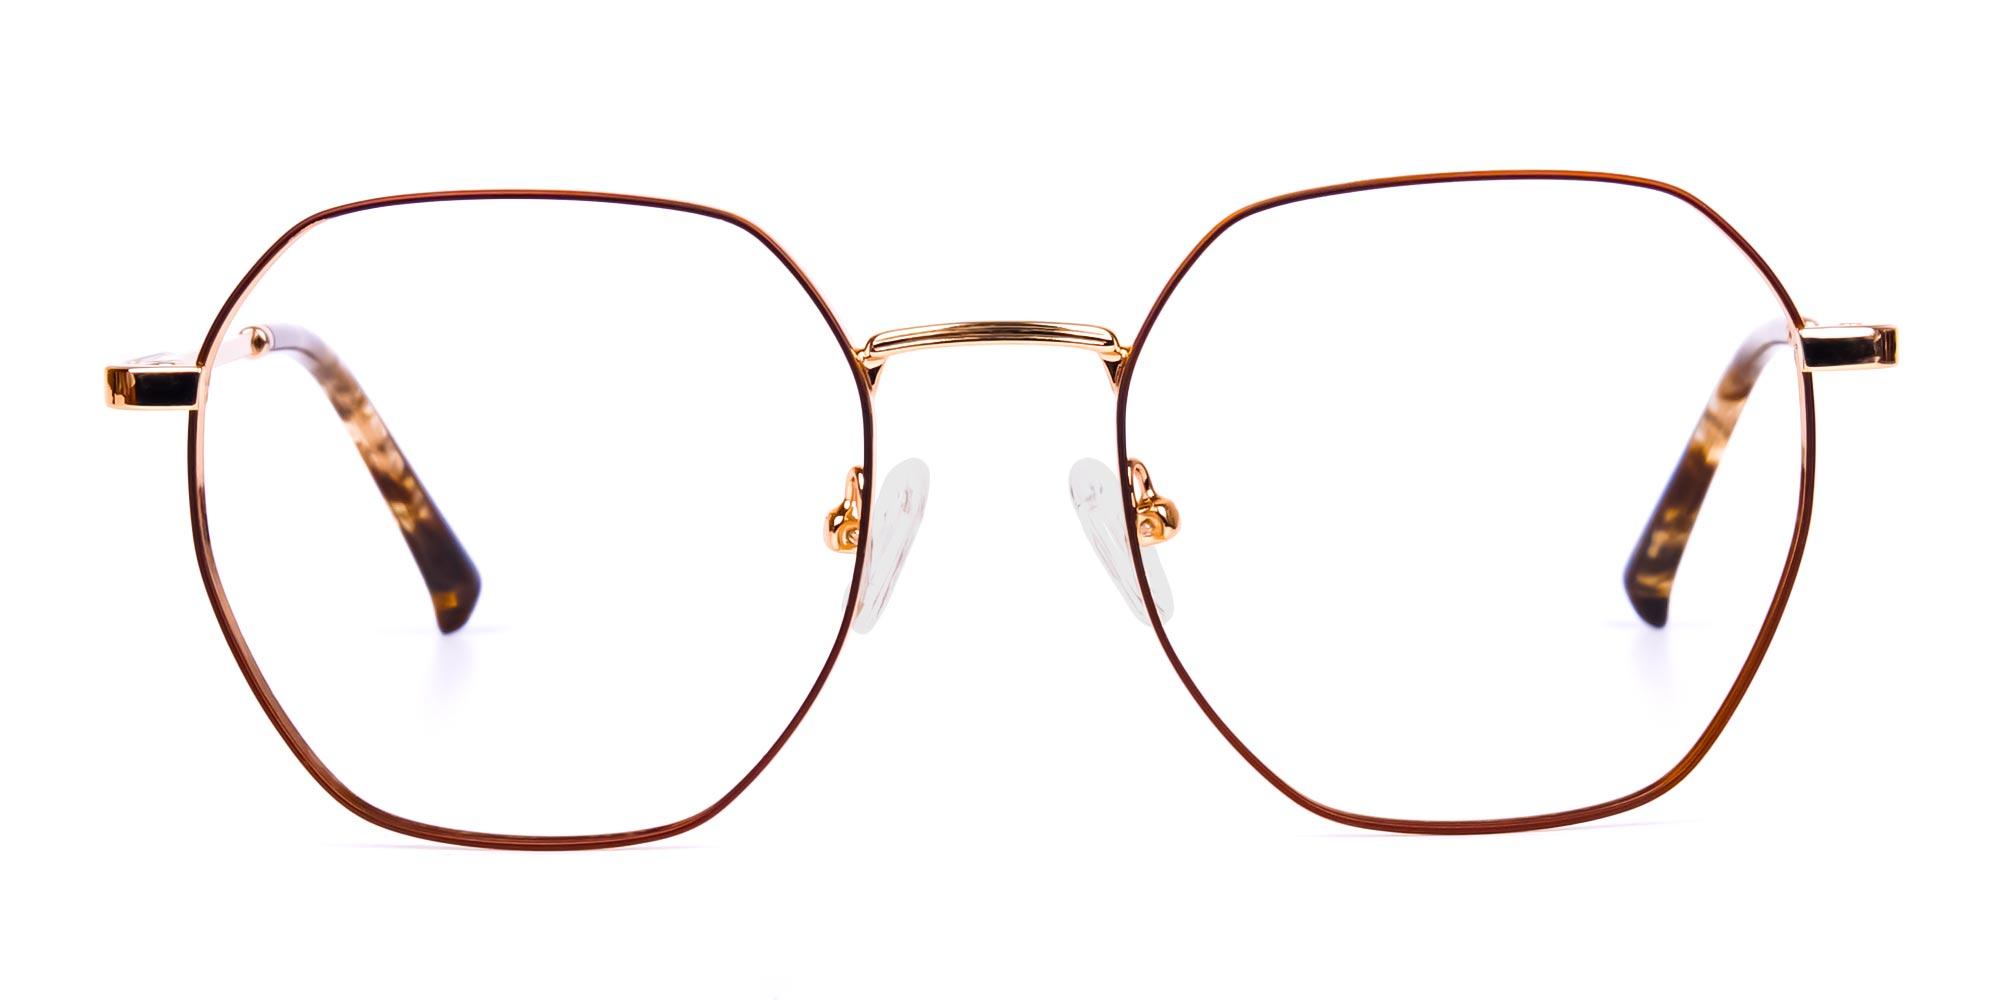 Full Rim Brown & Gold Geometric Glasses Frames